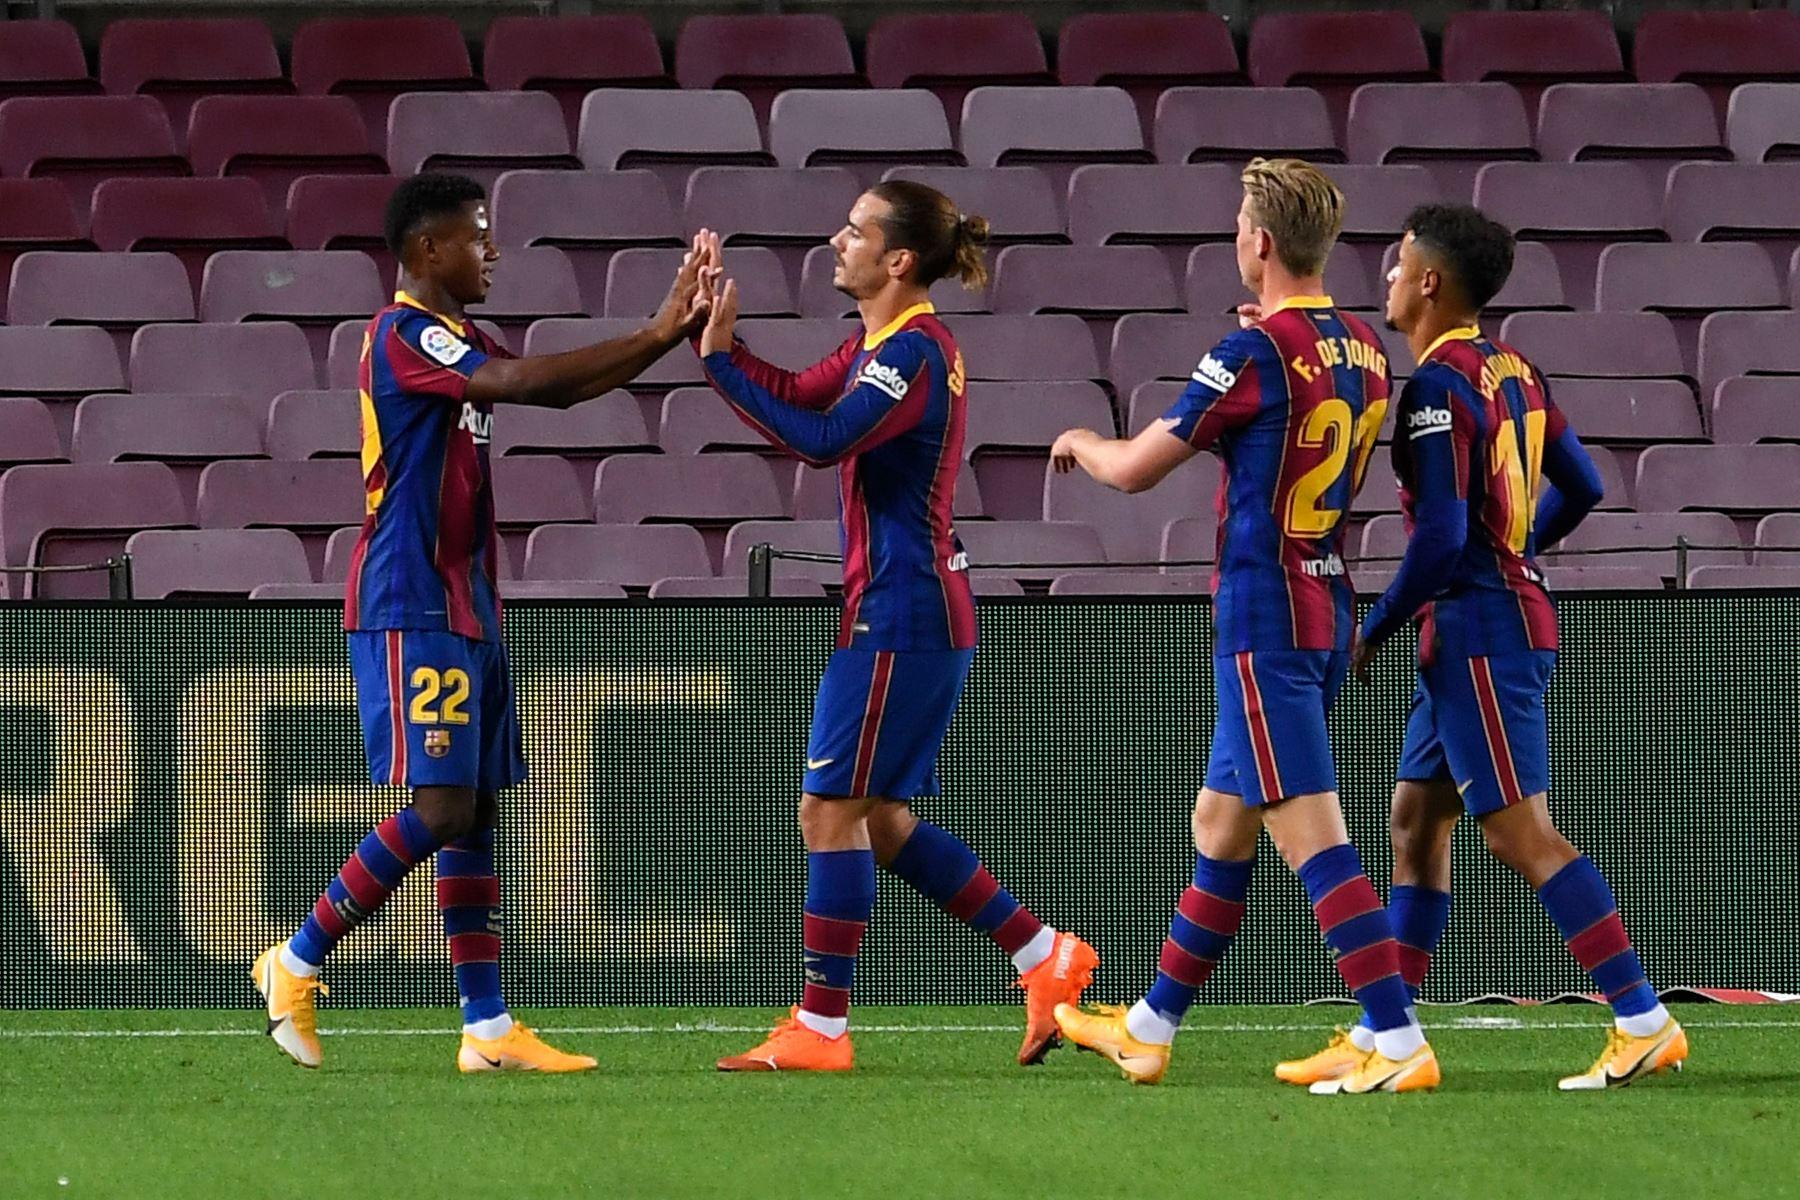 El delantero español del Barcelona Ansu Fati celebra con sus compañeros de equipo después de anotar un segundo gol durante el partido de fútbol de la liga española. Foto: AFP